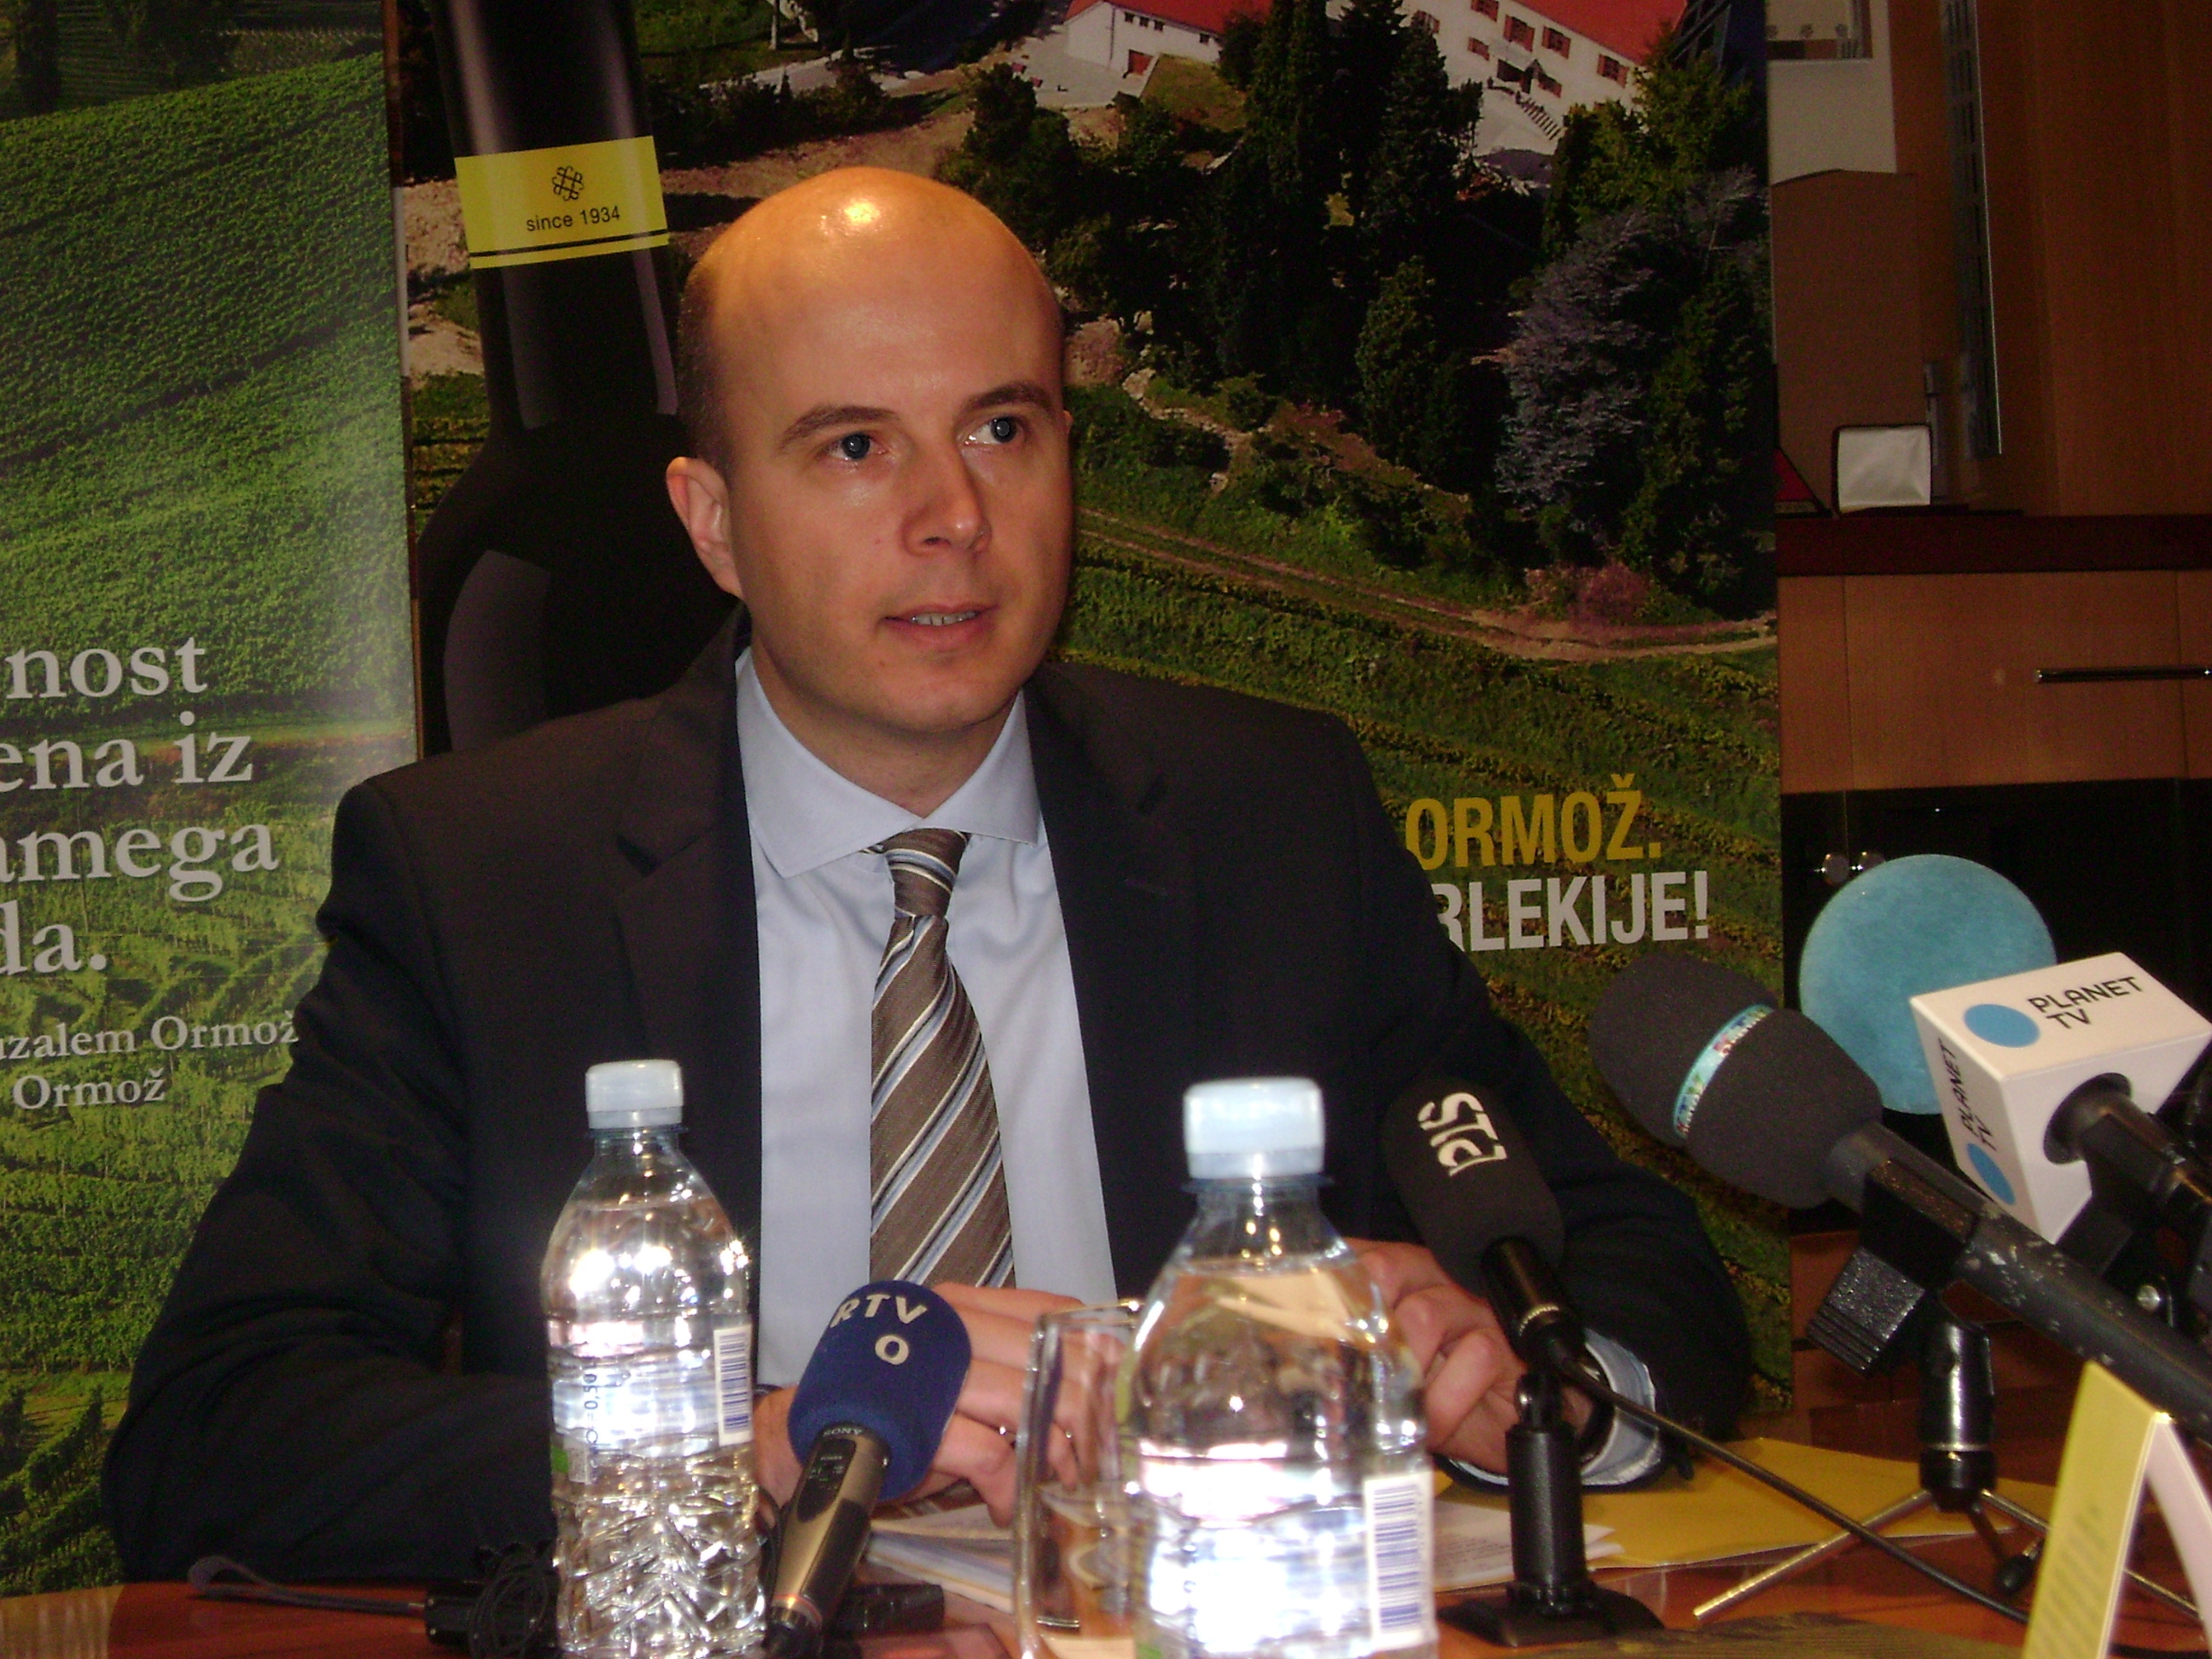 Z današnje tiskovne konference družbe P&F Jeruzalem Ormož: KZ ORMOŽ je tista, ki se ne drži pogodbe!